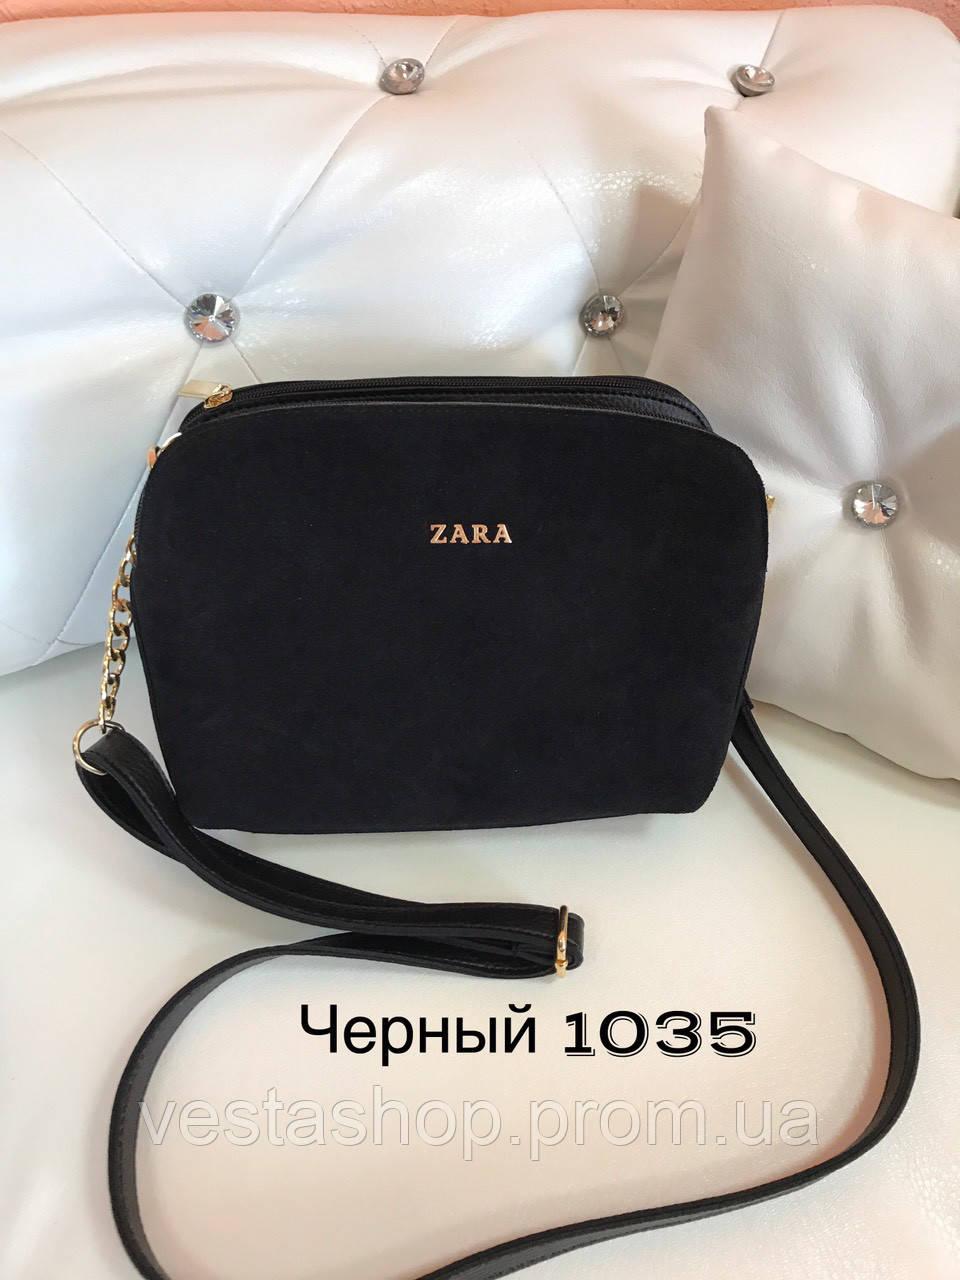 d80d0608cfa5 Черный вечерний клатч ZARA, цена 490 грн., купить в Хмельницком — Prom.ua  (ID#747040142)